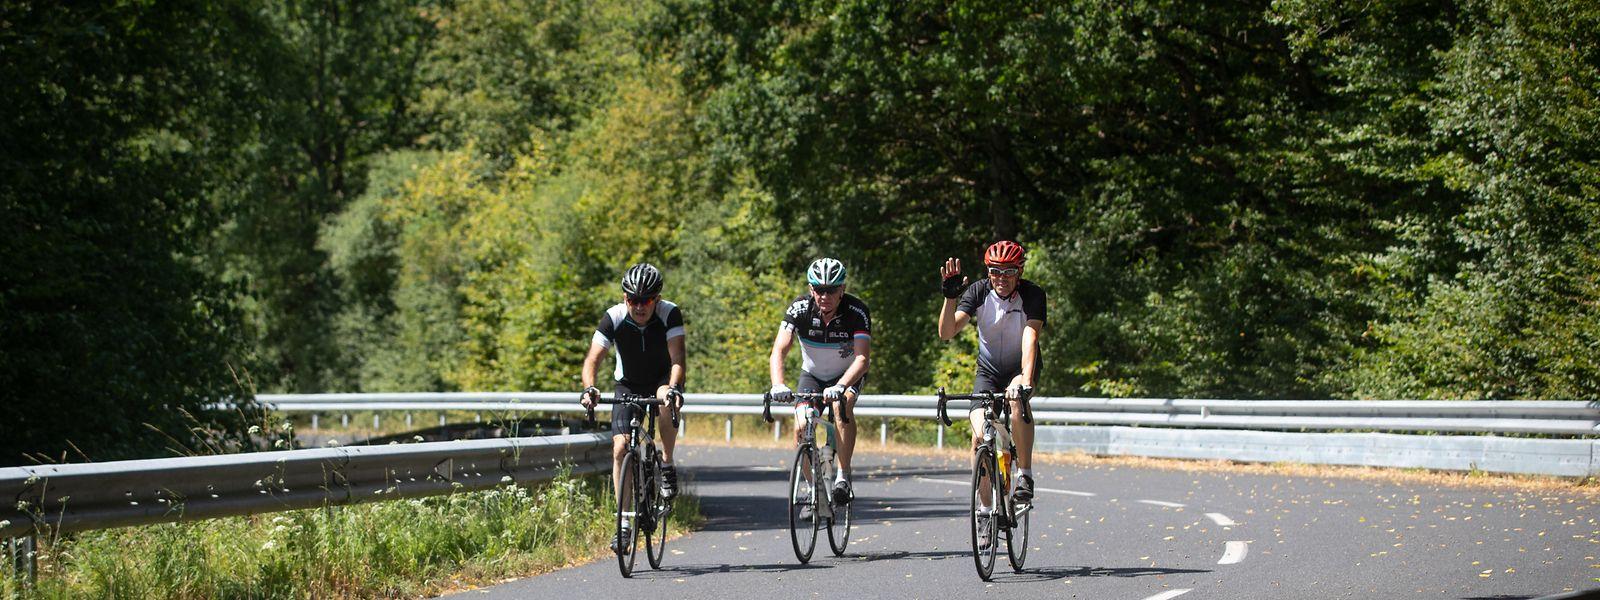 Auf sieben Straßenabschnitten konnten Radfahrer im August ihre Tour genießen und das ohne Autoverkehr – so wie hier auf der Strecke zwischen Alzingen und Syren.